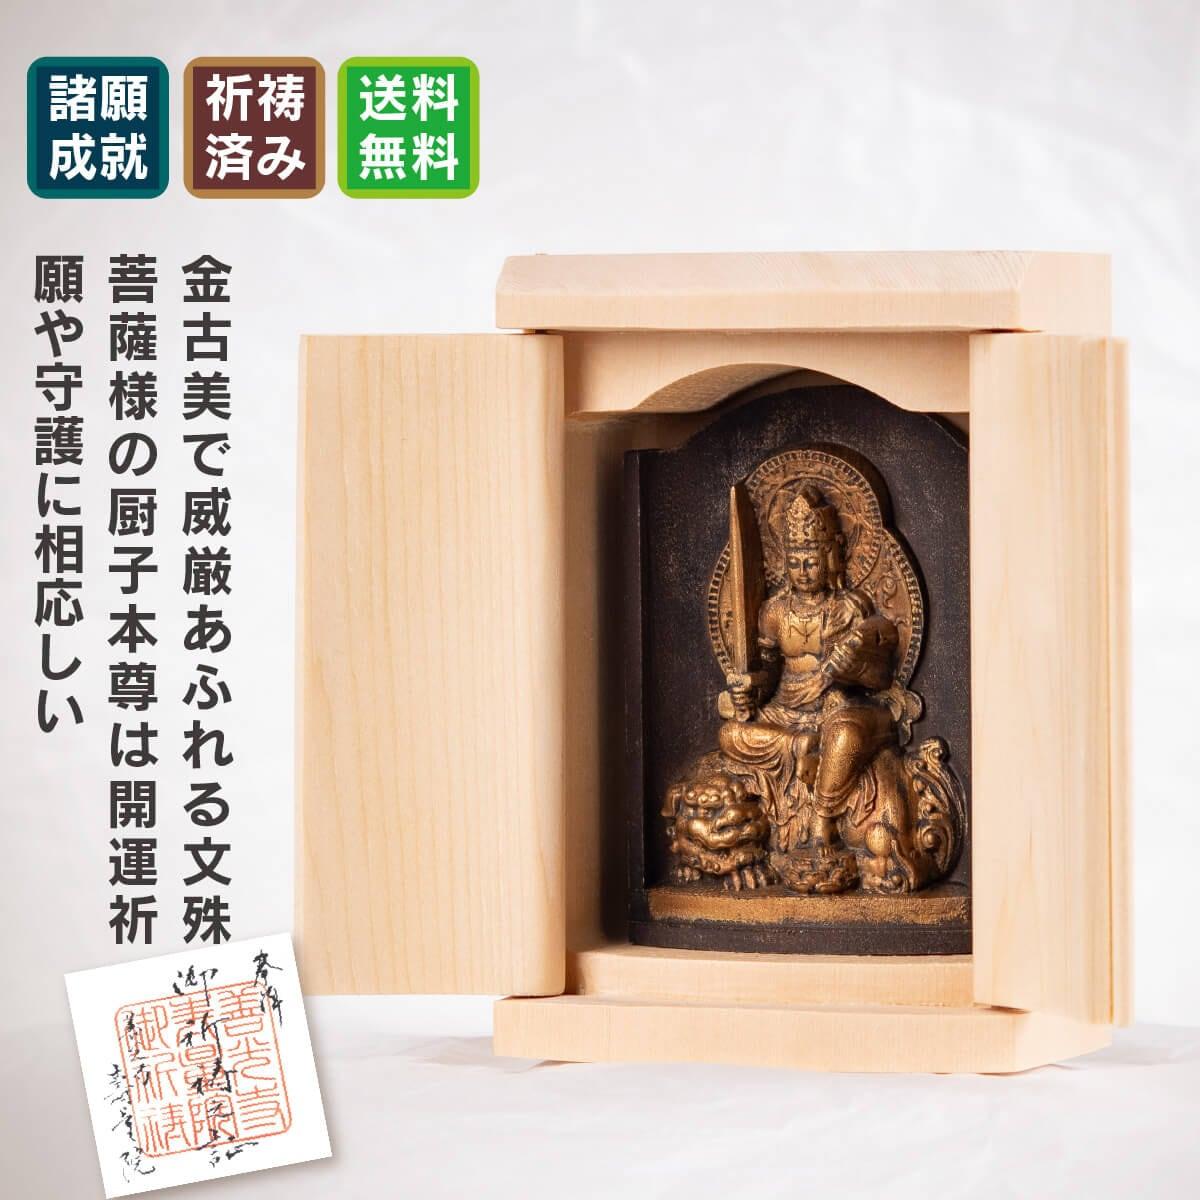 是空 文殊菩薩 厨子入りの仏像 金古美仕上げ 開運グッズ